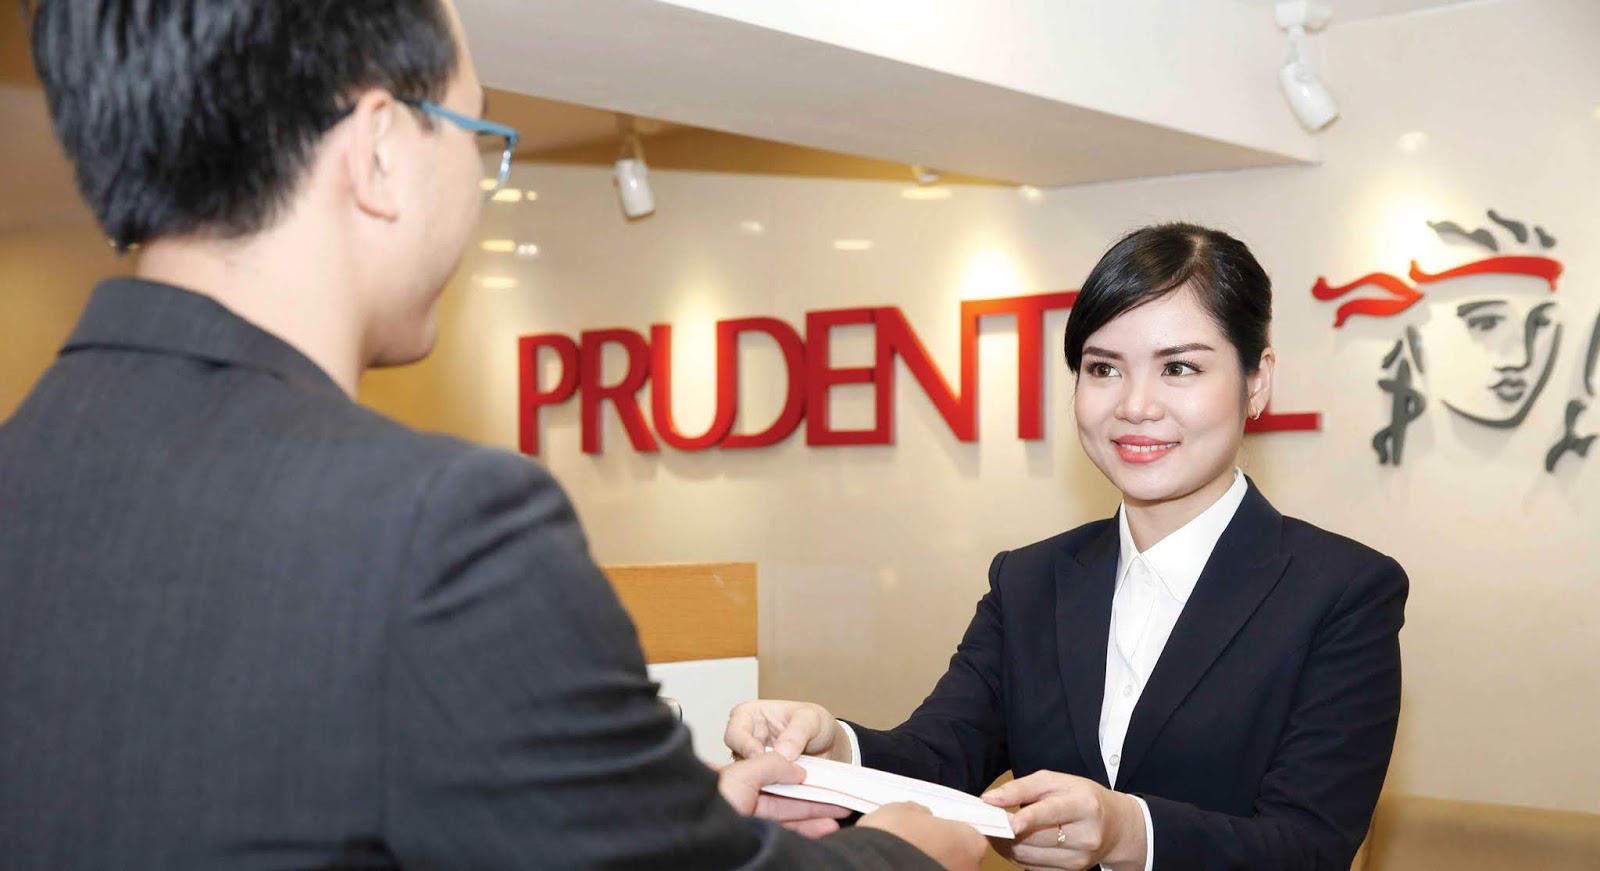 Prudential là công ty bảo hiểm duy nhất thuộc Top 10 doanh nghiệp FDI phát triển bền vững - Ảnh 3.